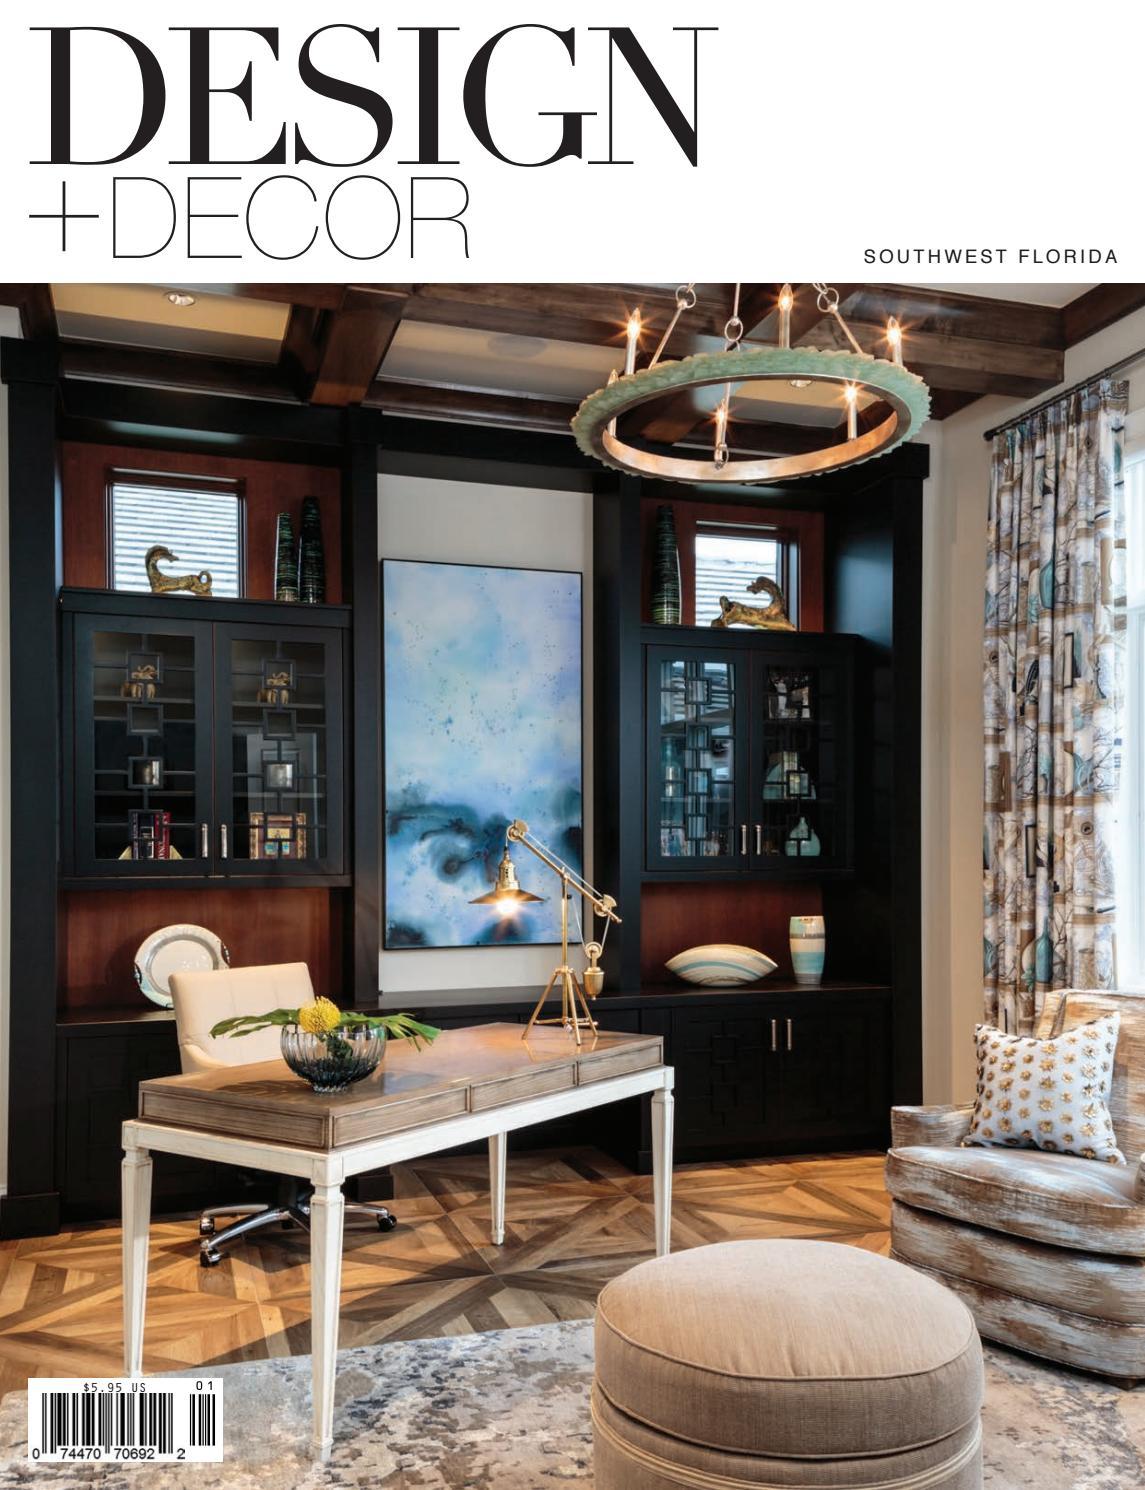 Design Decor Southwest Florida Edition By East Coast Home Publishing Issuu